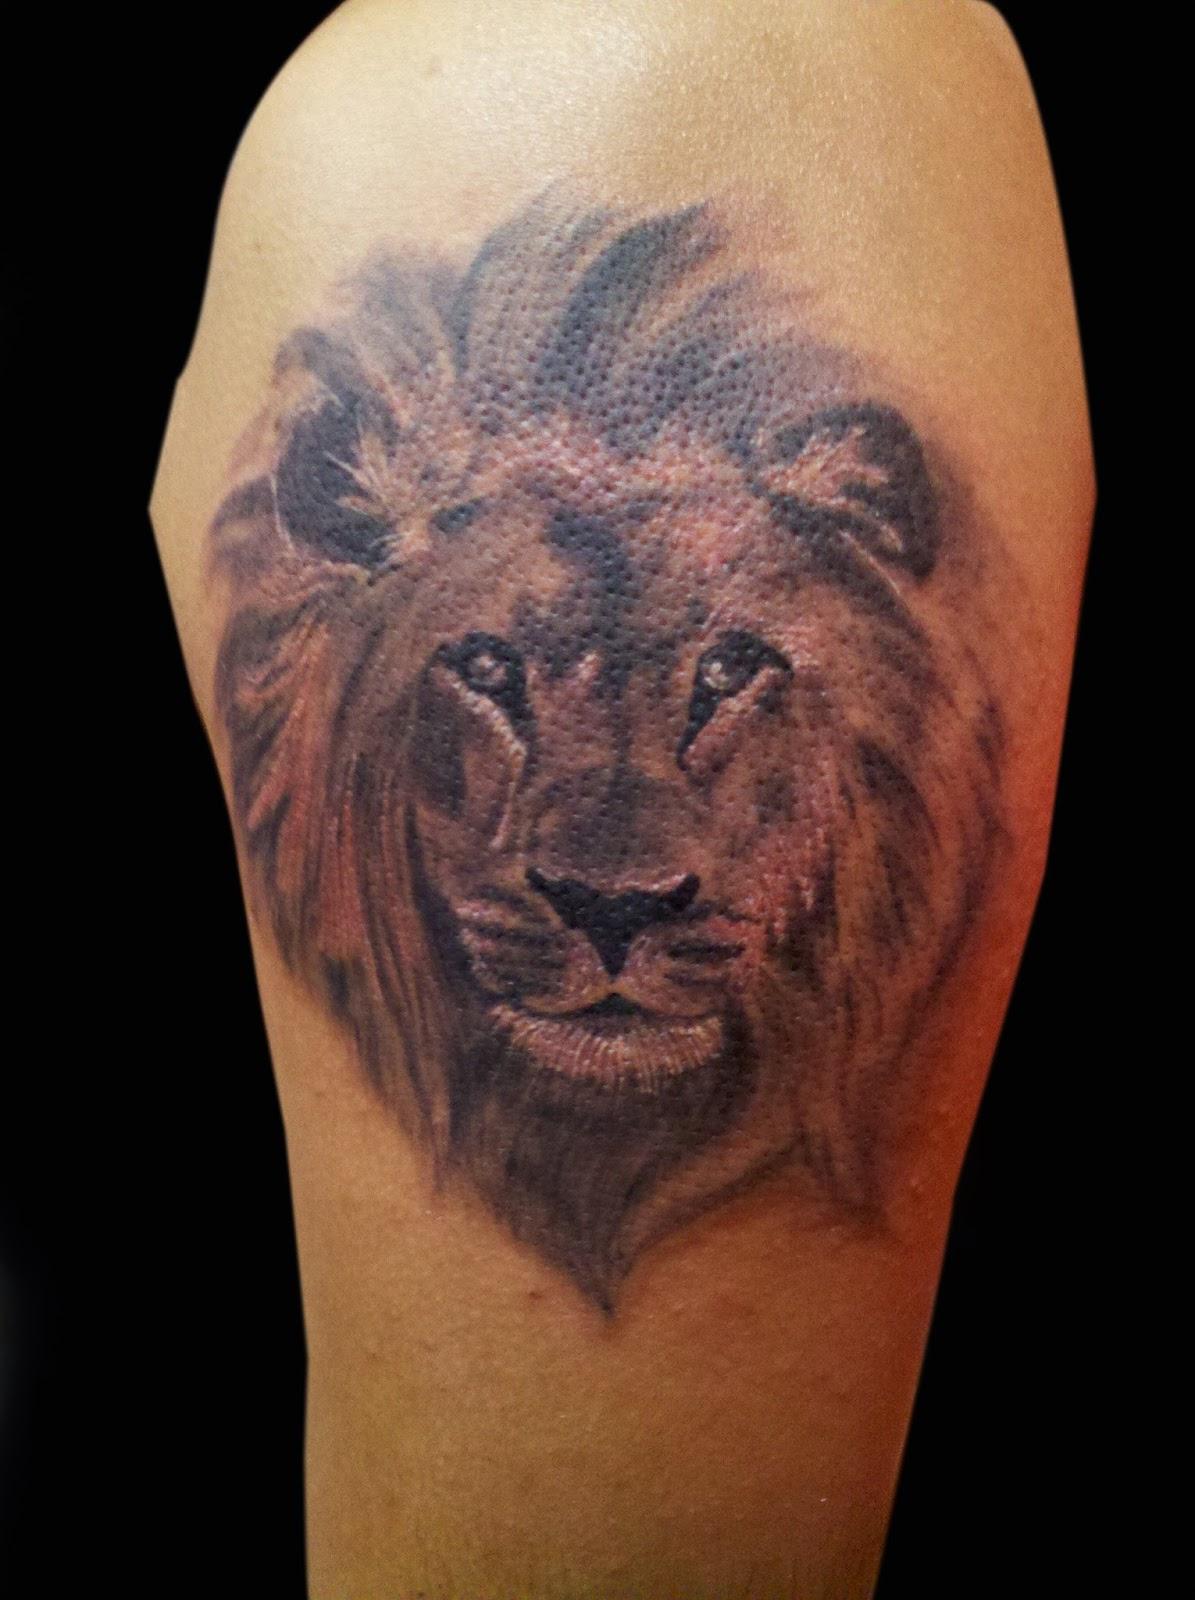 salon de tatouage a paris - Guide du tatouage nos meilleurs tatoueurs de Paris en